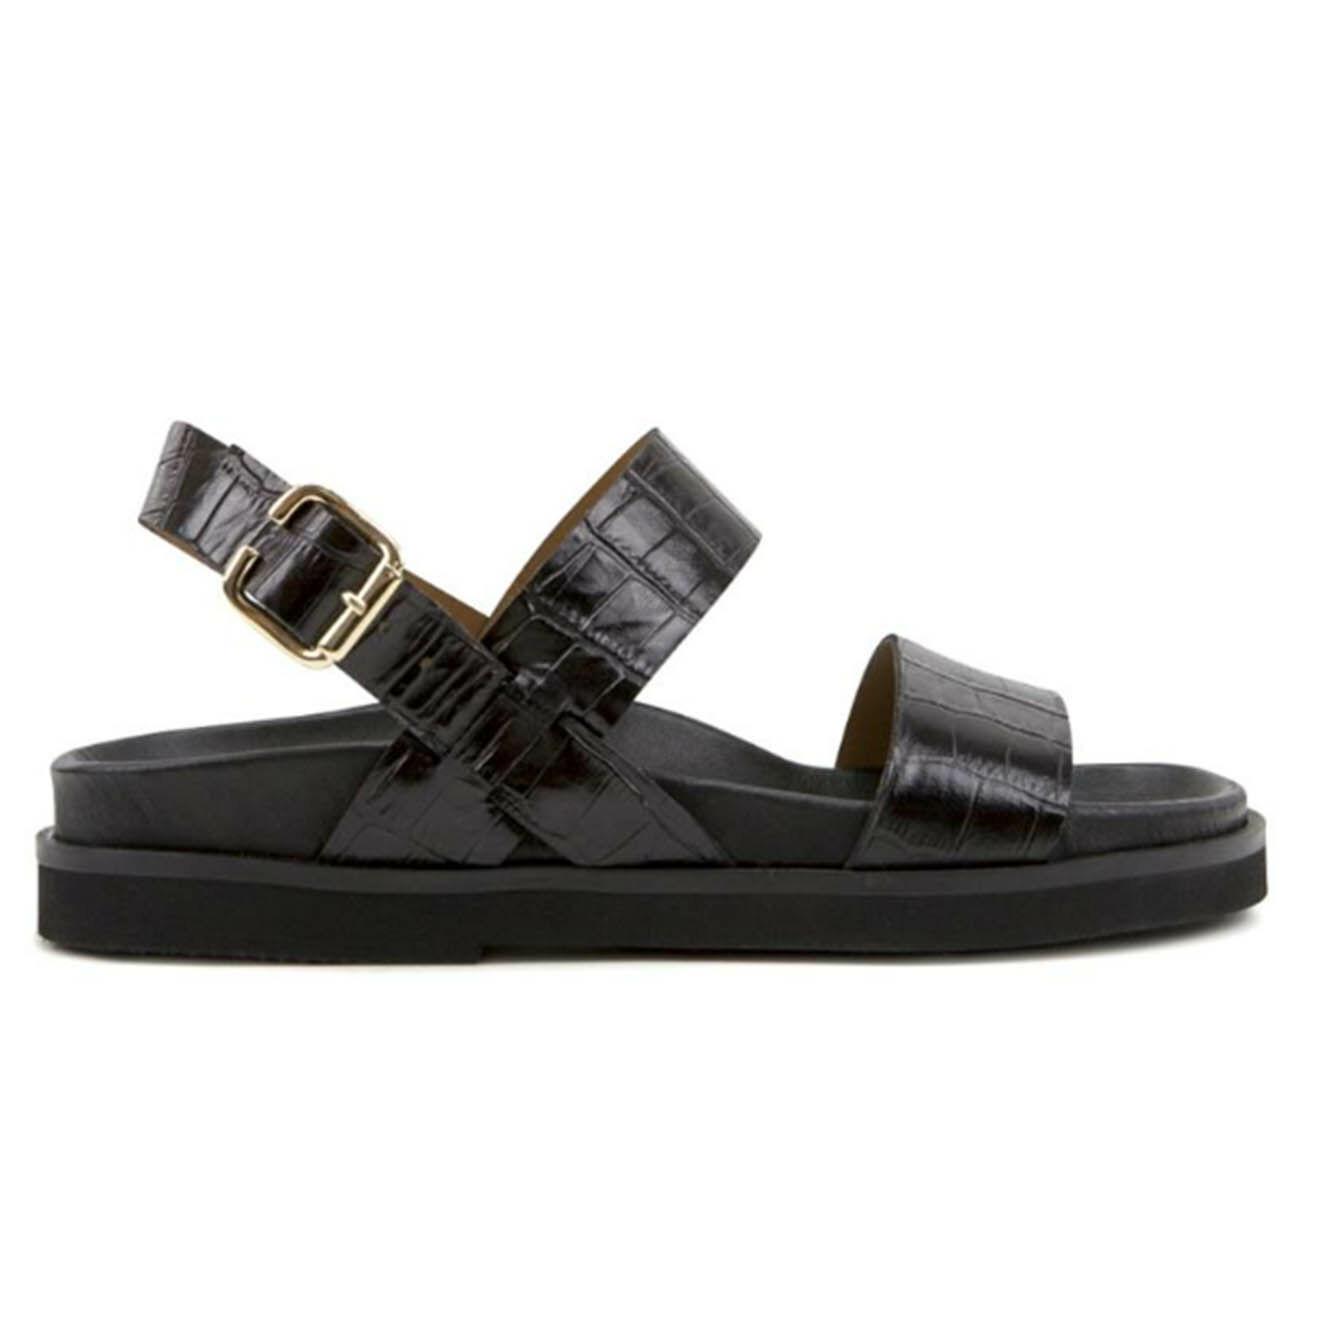 Sandales en Cuir croco Elisée noires - Anaki - Modalova